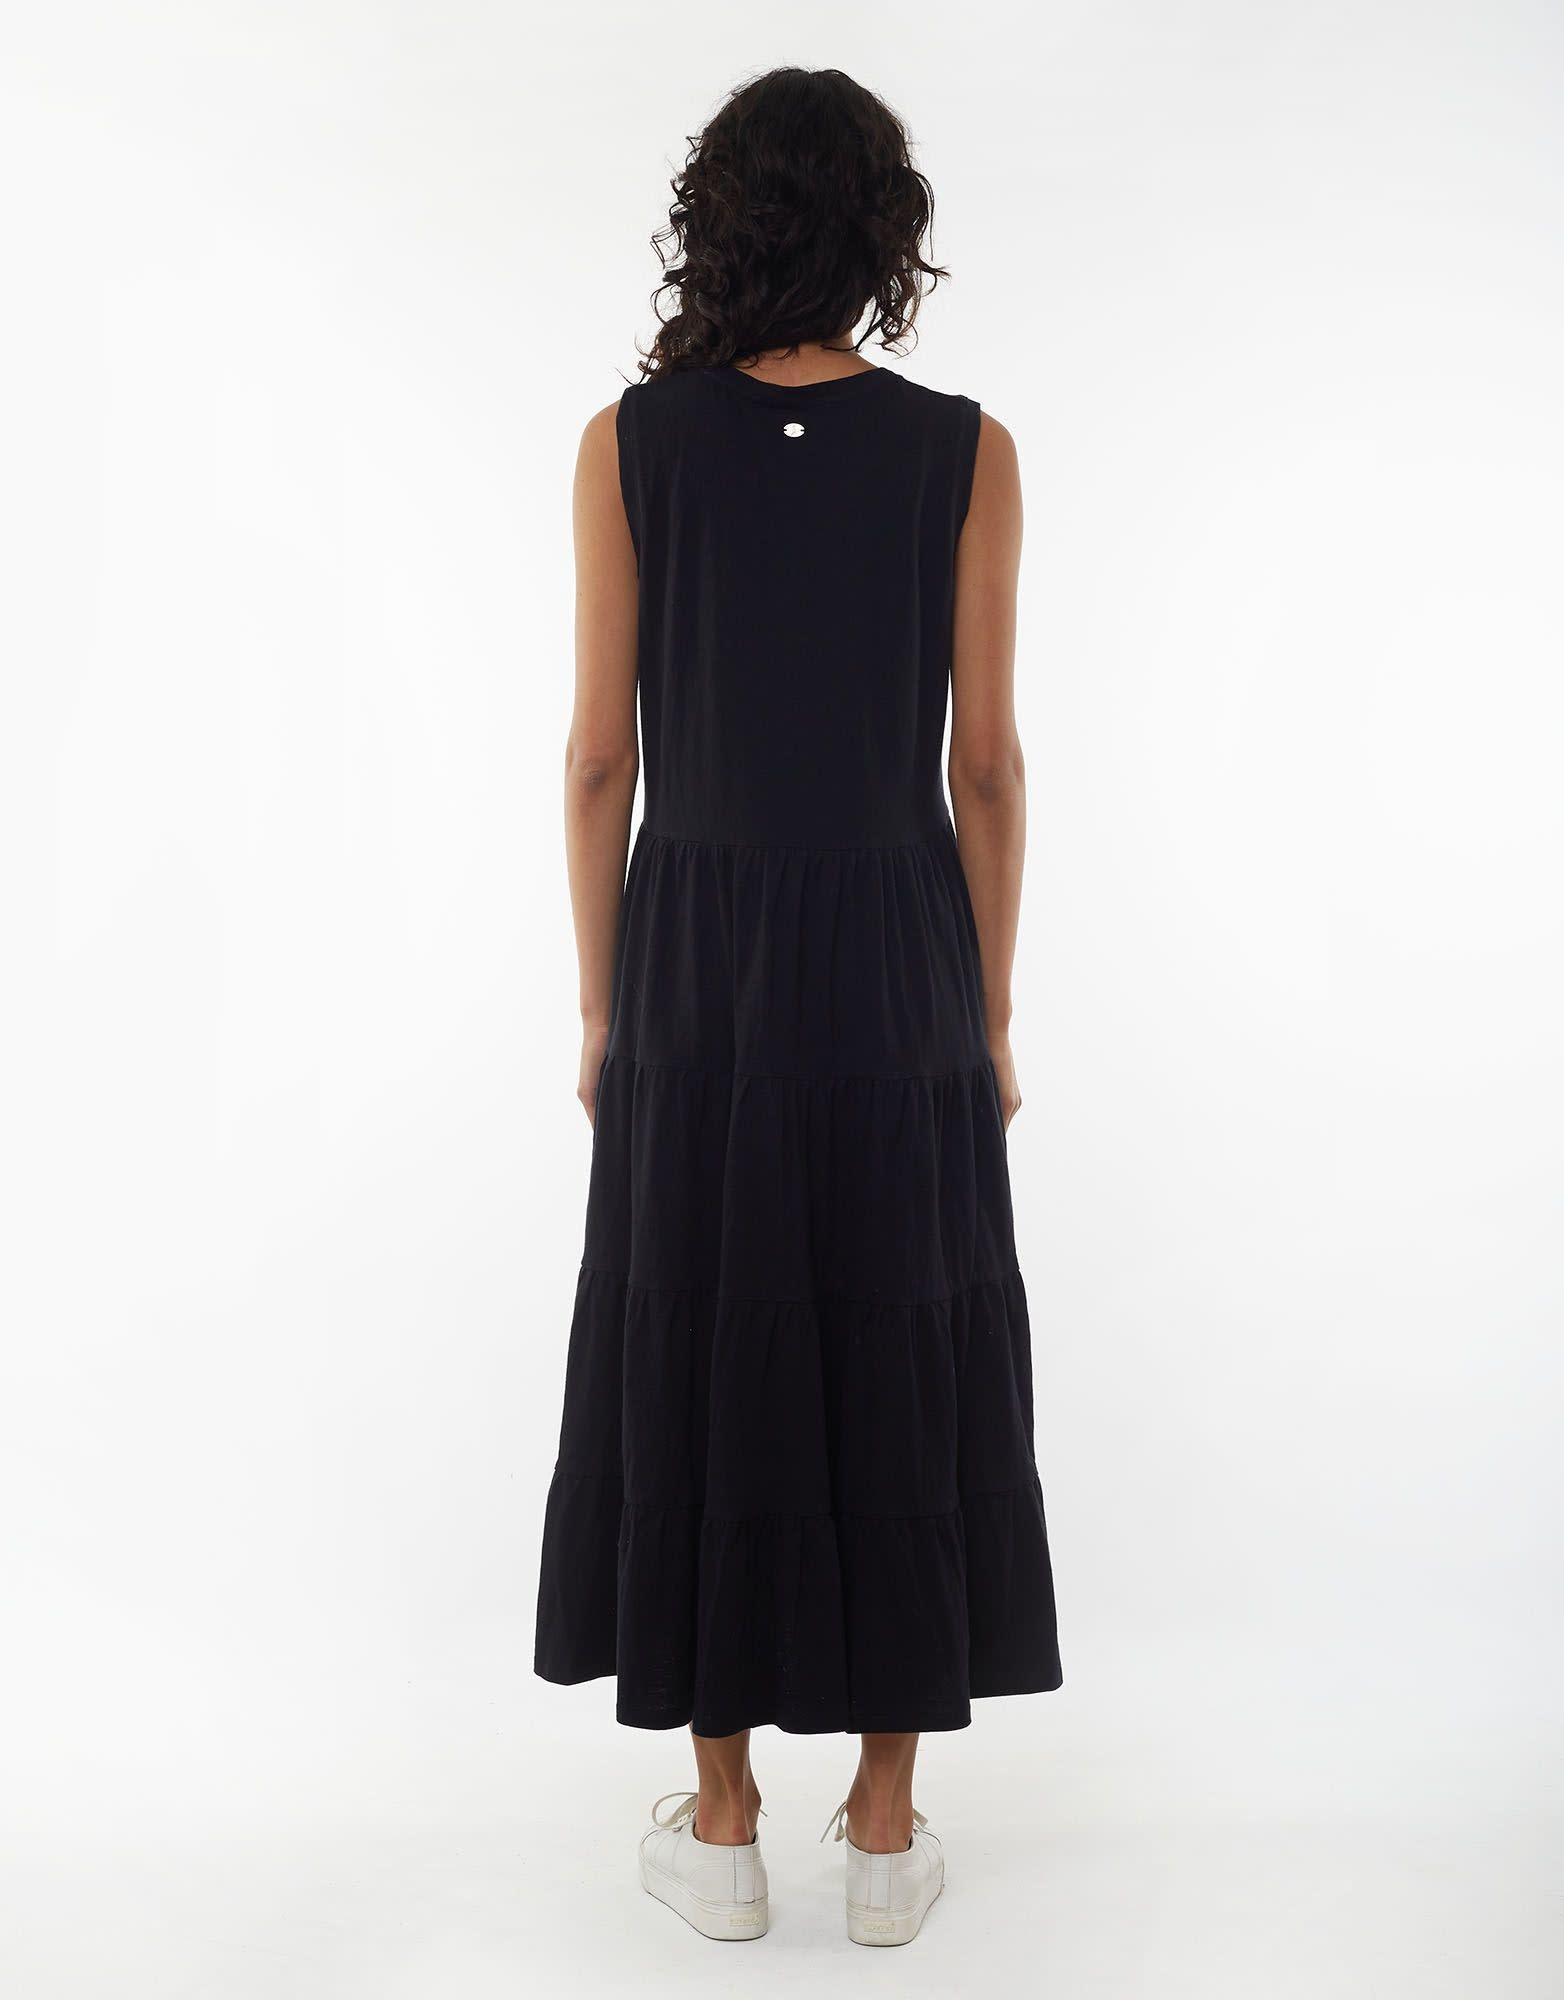 Foxwood Nebraska Frill Dress